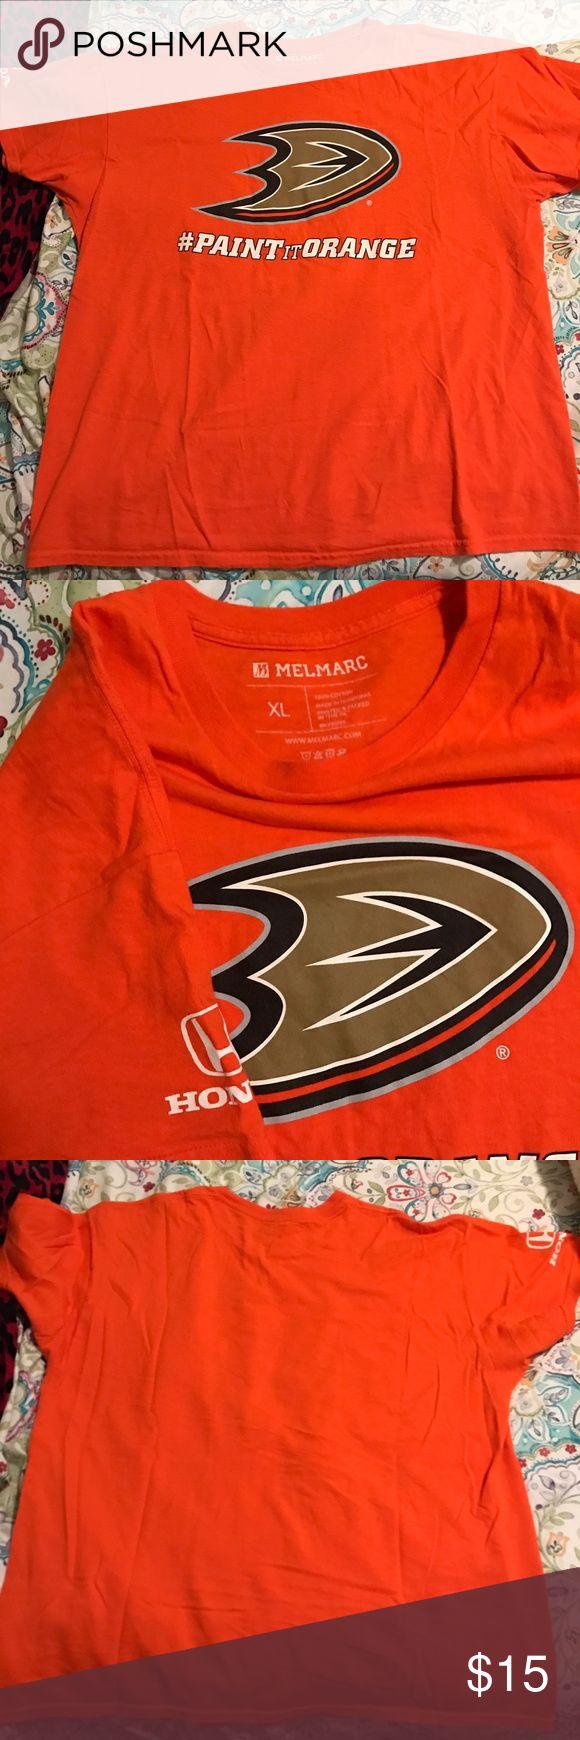 Anaheim Ducks Fan T-Shirt size XL Anaheim Ducks hockey fan t-shirt size XL, never worn. Melmarc Tops Tees - Short Sleeve